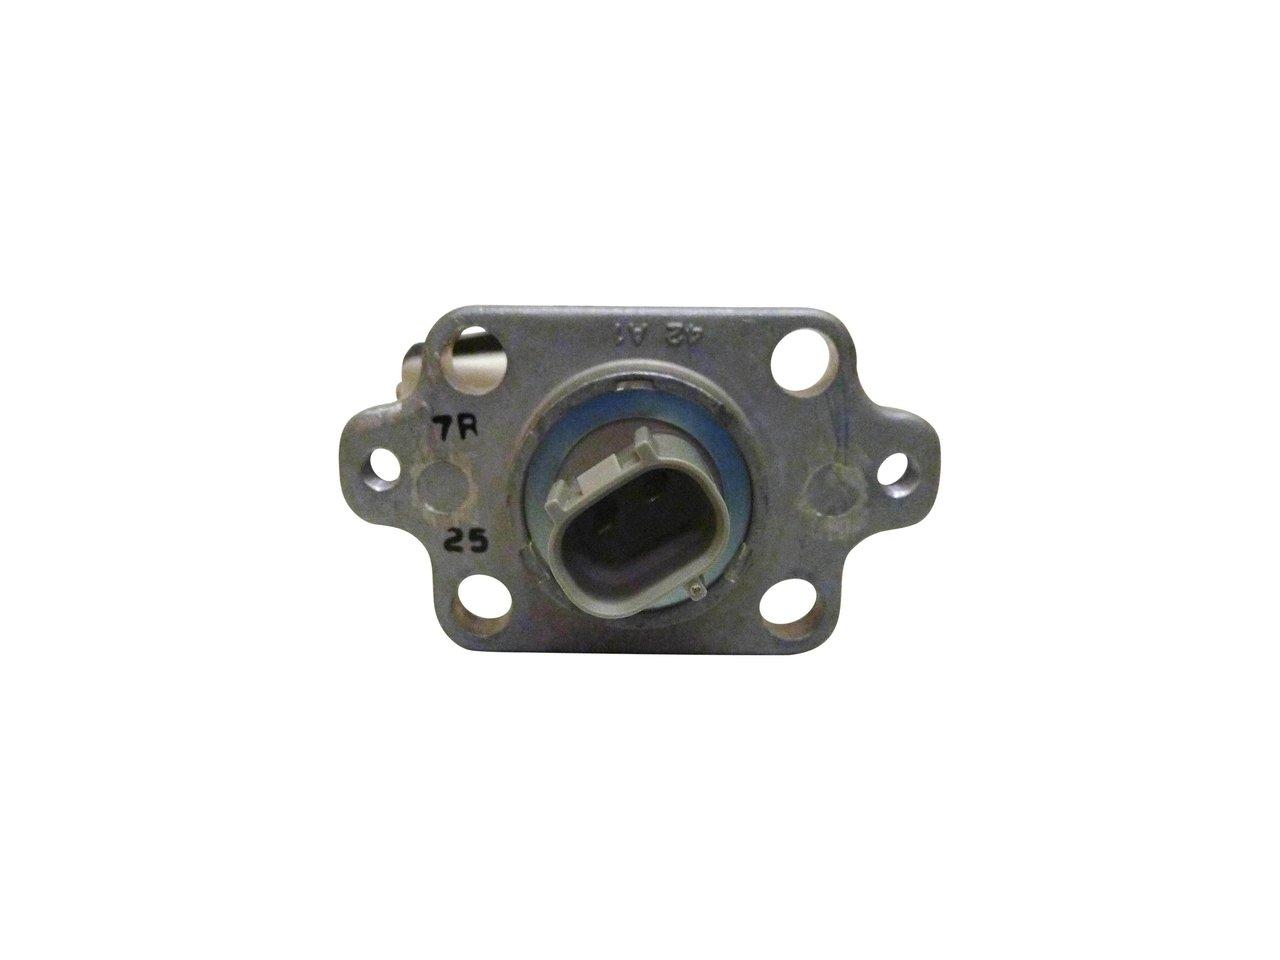 Oil Level Sensor suitable for Landcruiser 1FZ-FE Petrol Engine